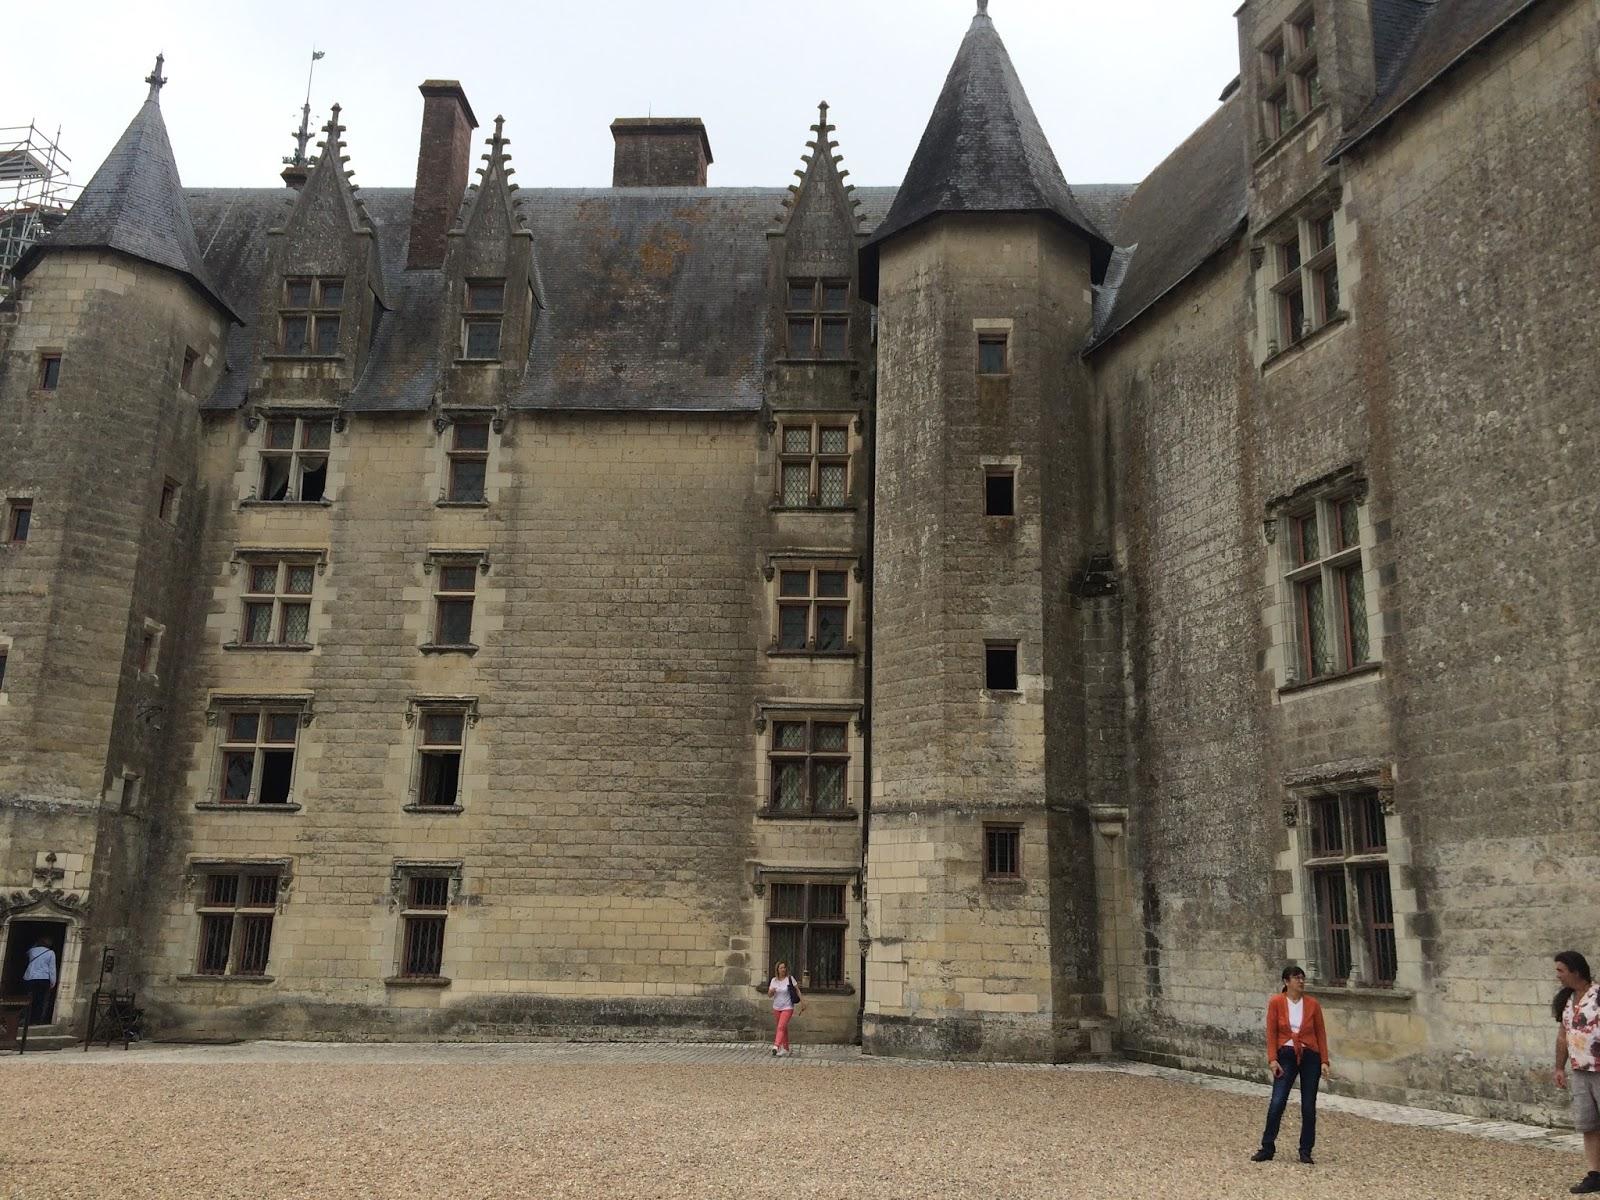 zamek w Languais- średniowieczna budowla, piękne wyposarzenie zamku